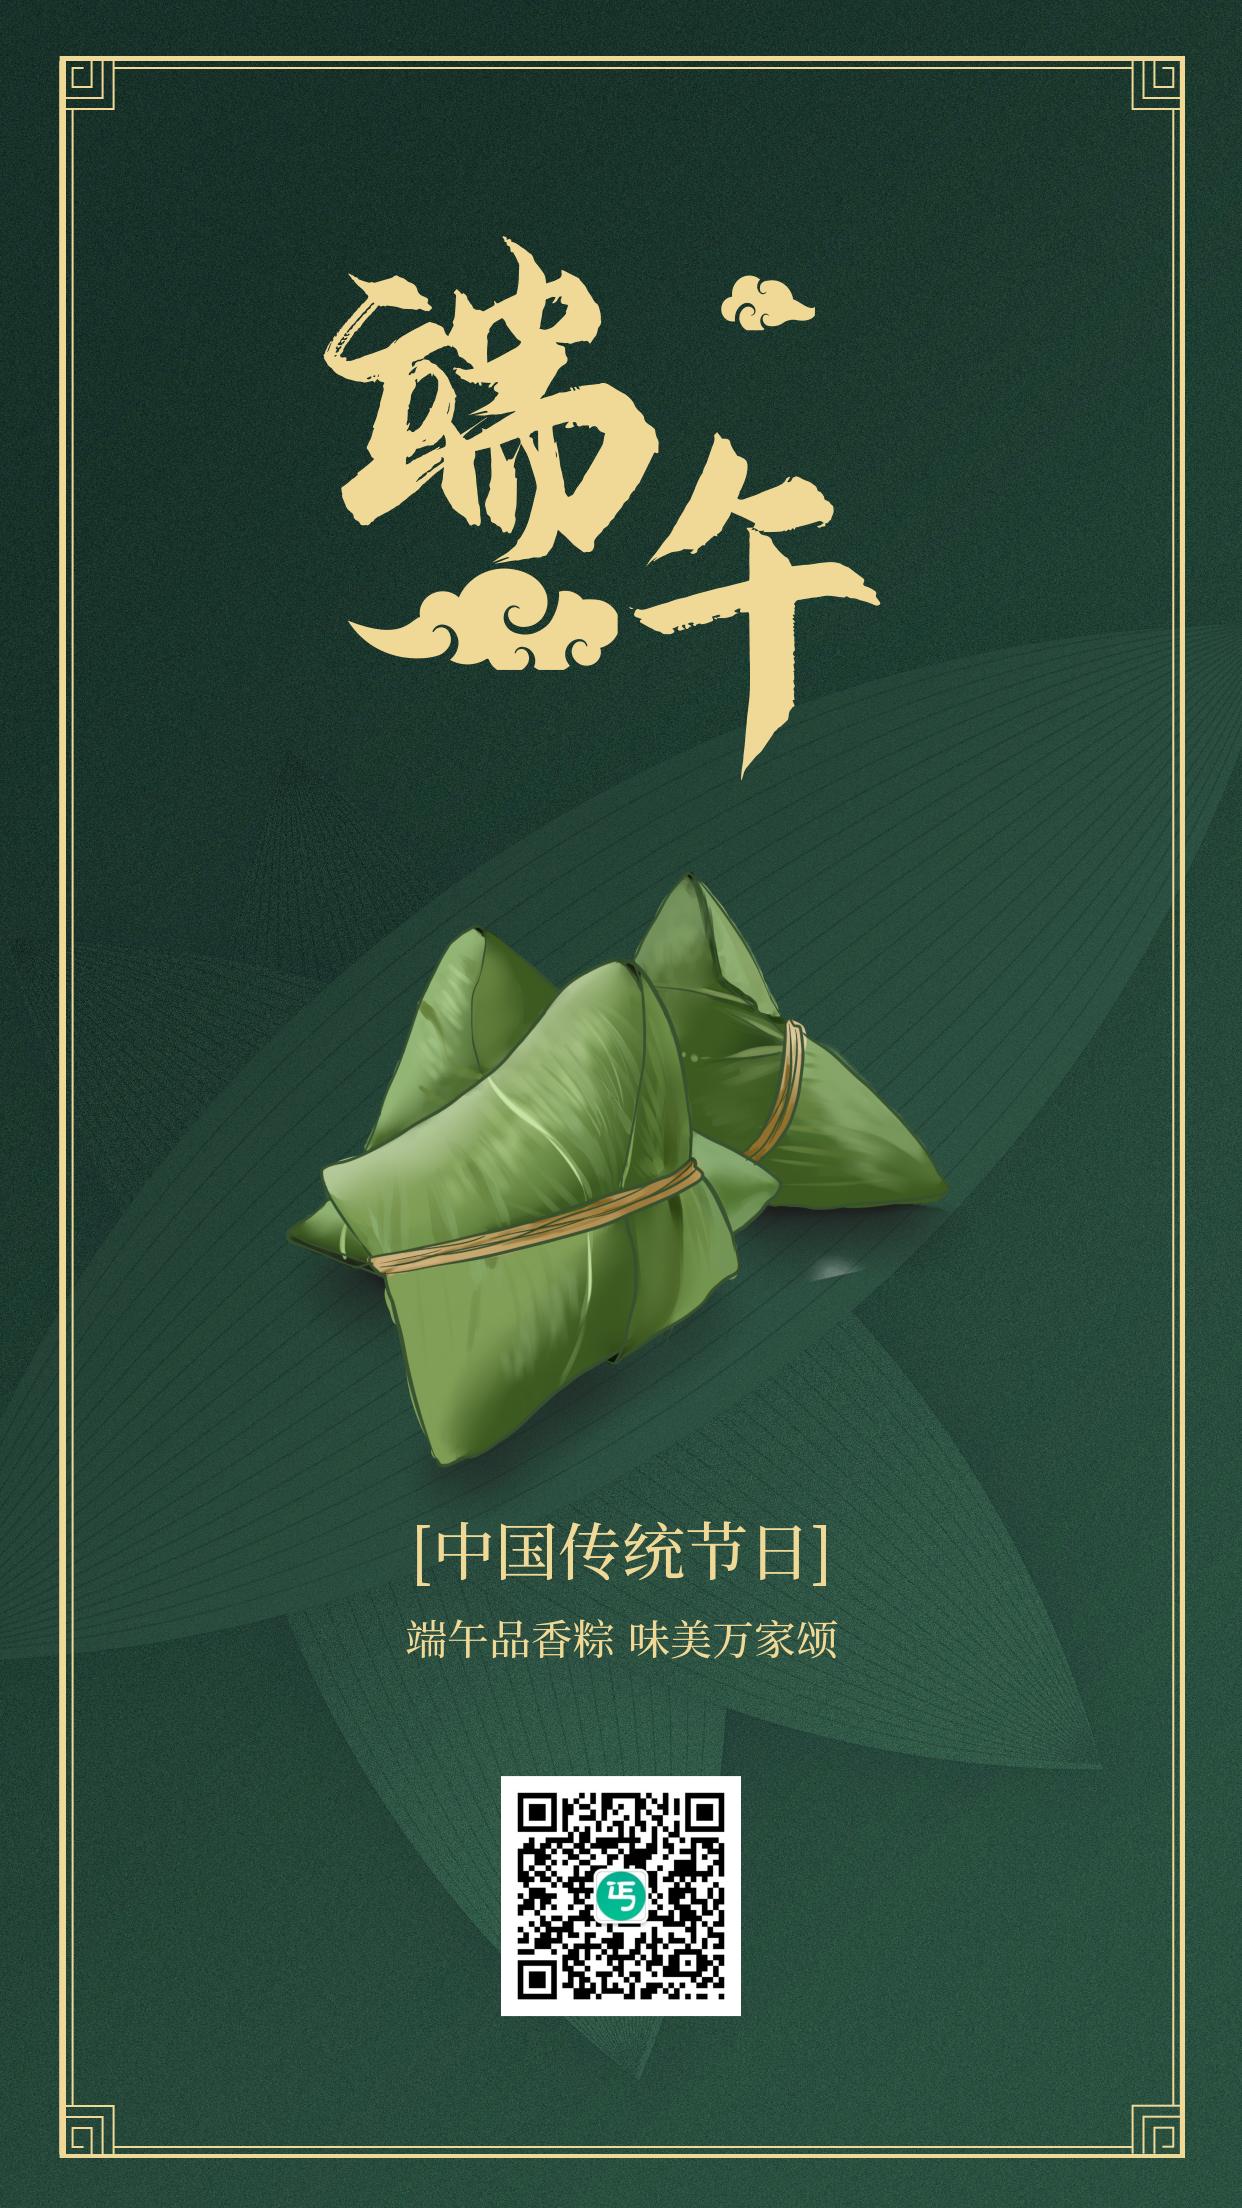 端午节节日祝福问候餐饮海报